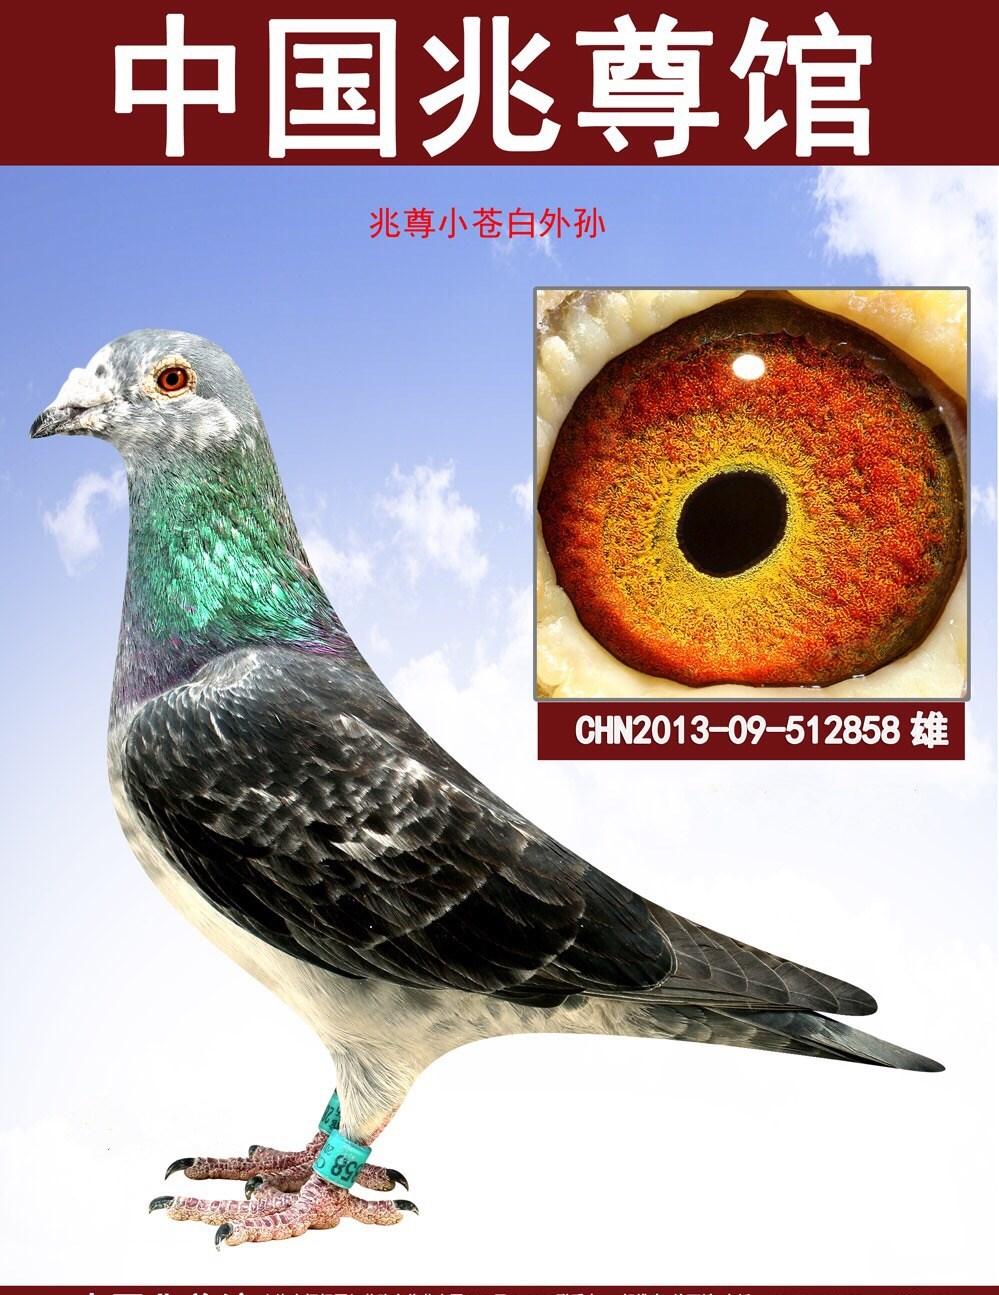 进广西周裕军,天津邓文敏上海兆尊馆和国外名家等主力种鸽多羽